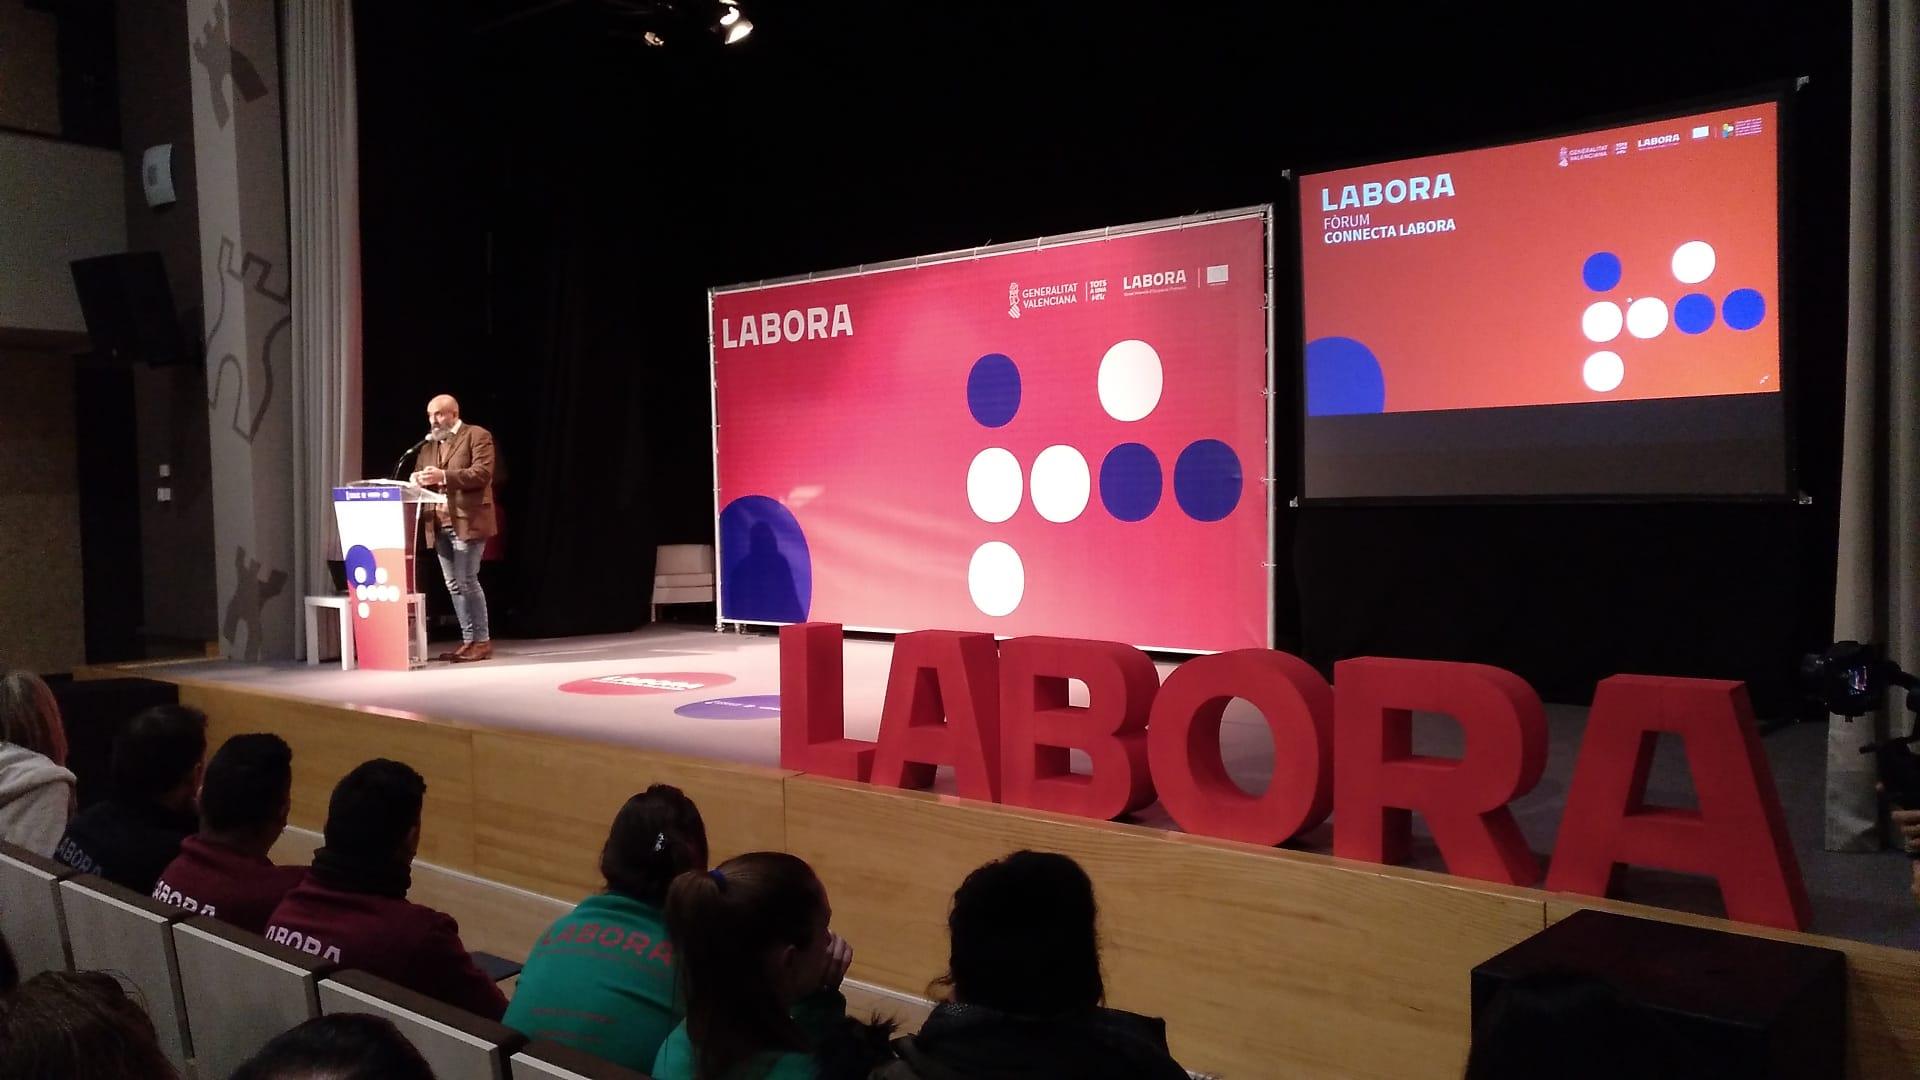 """Més de 600 persones desocupades participen en l""""I Fòrum Connecta Labora celebrat a Almassora"""